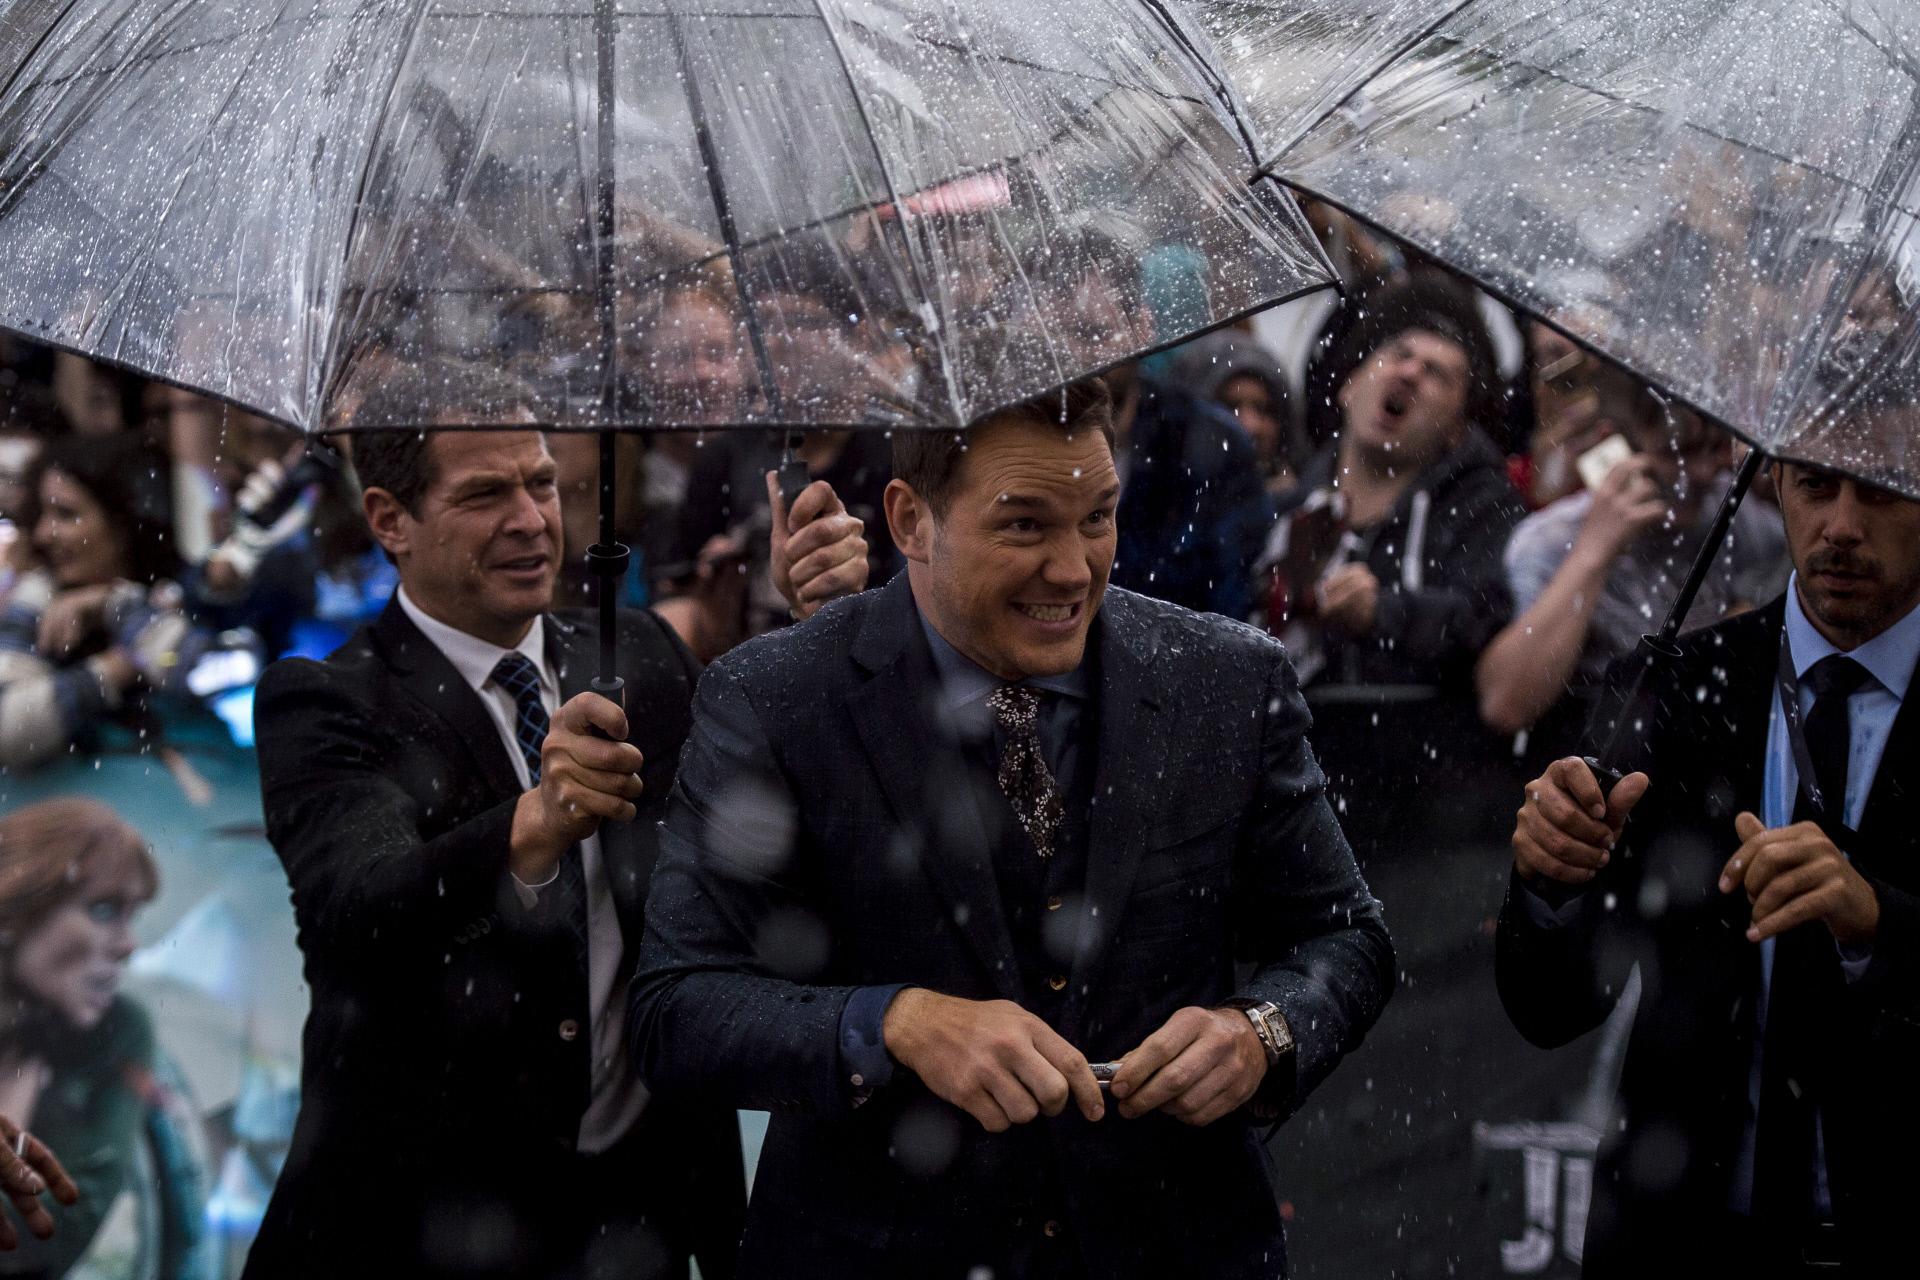 El actor agradeció a sus seguidores que le esperan pese a la lluvia.